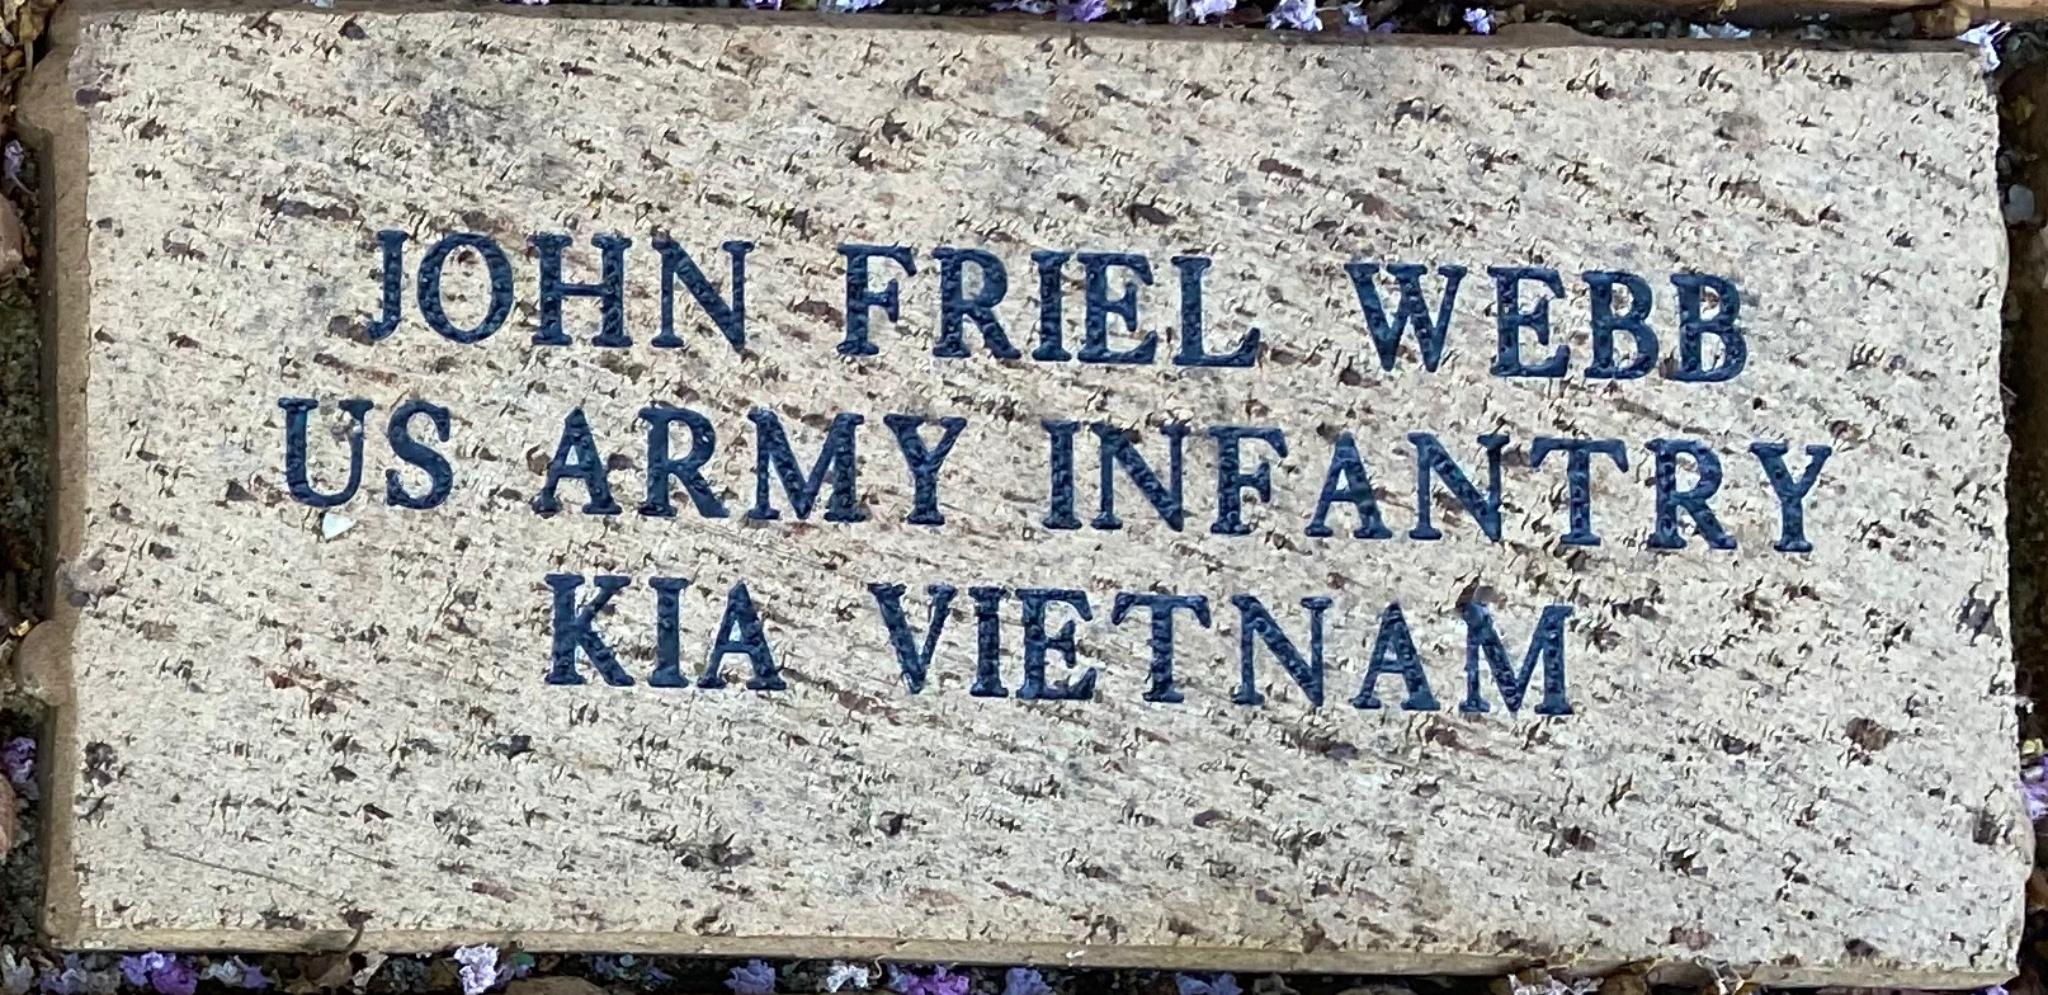 JOHN FRIEL WEBB US ARMY INFANTRY KIA VIETNAM